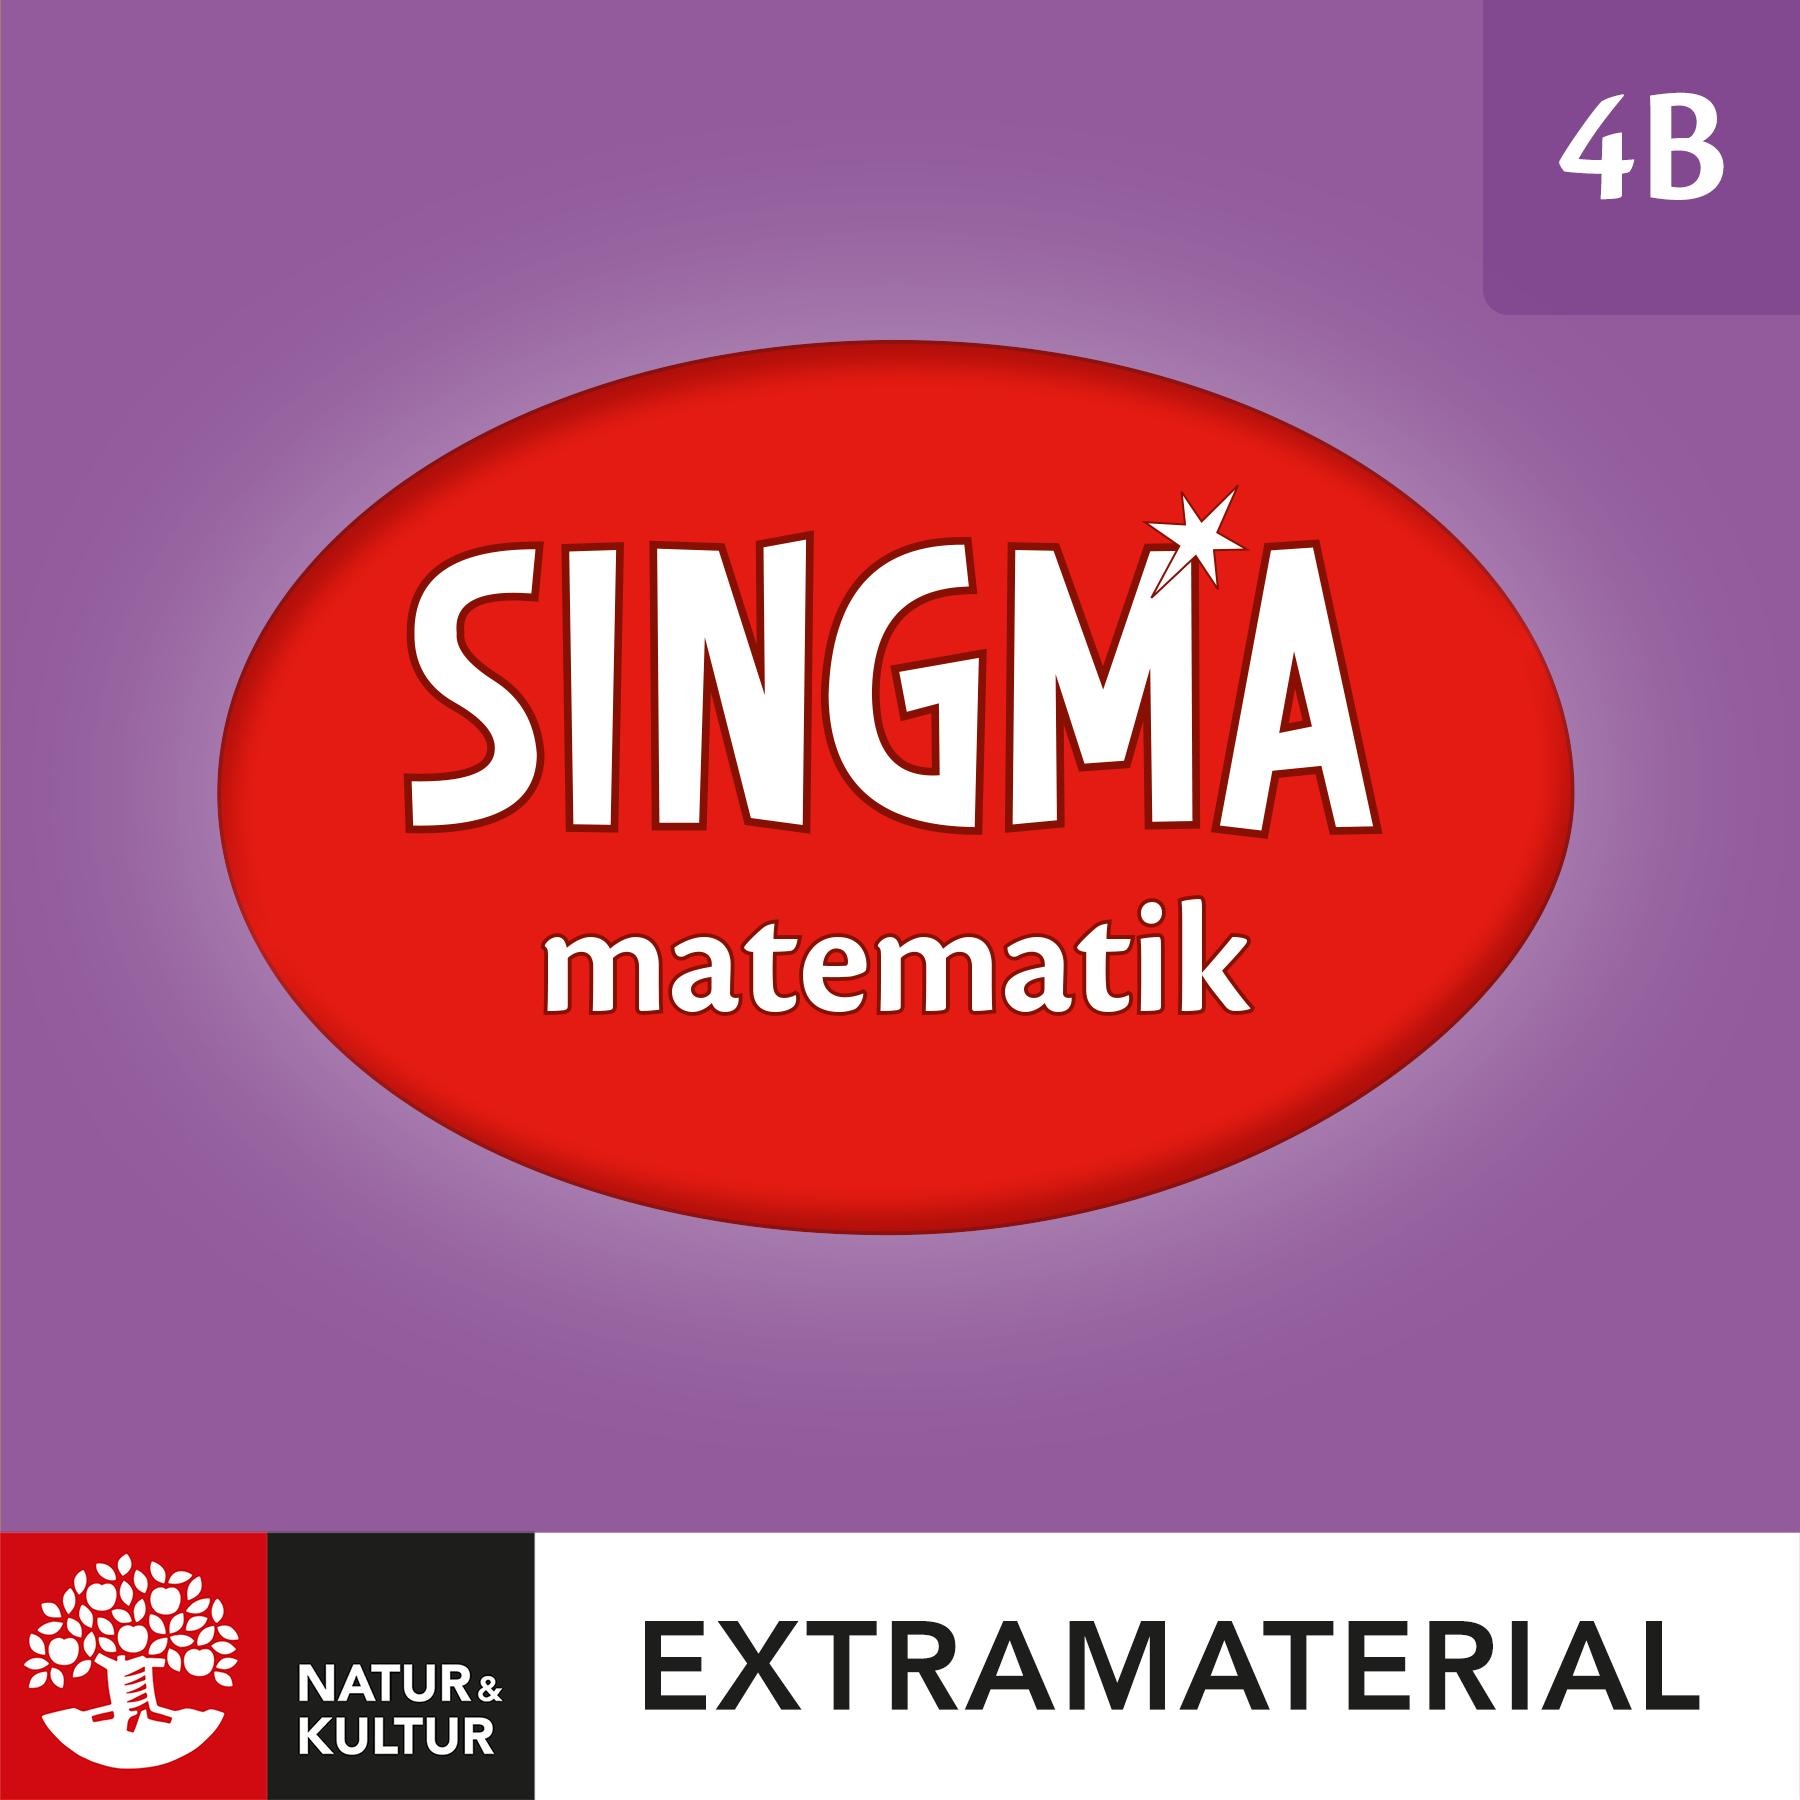 Singma matematik 4B